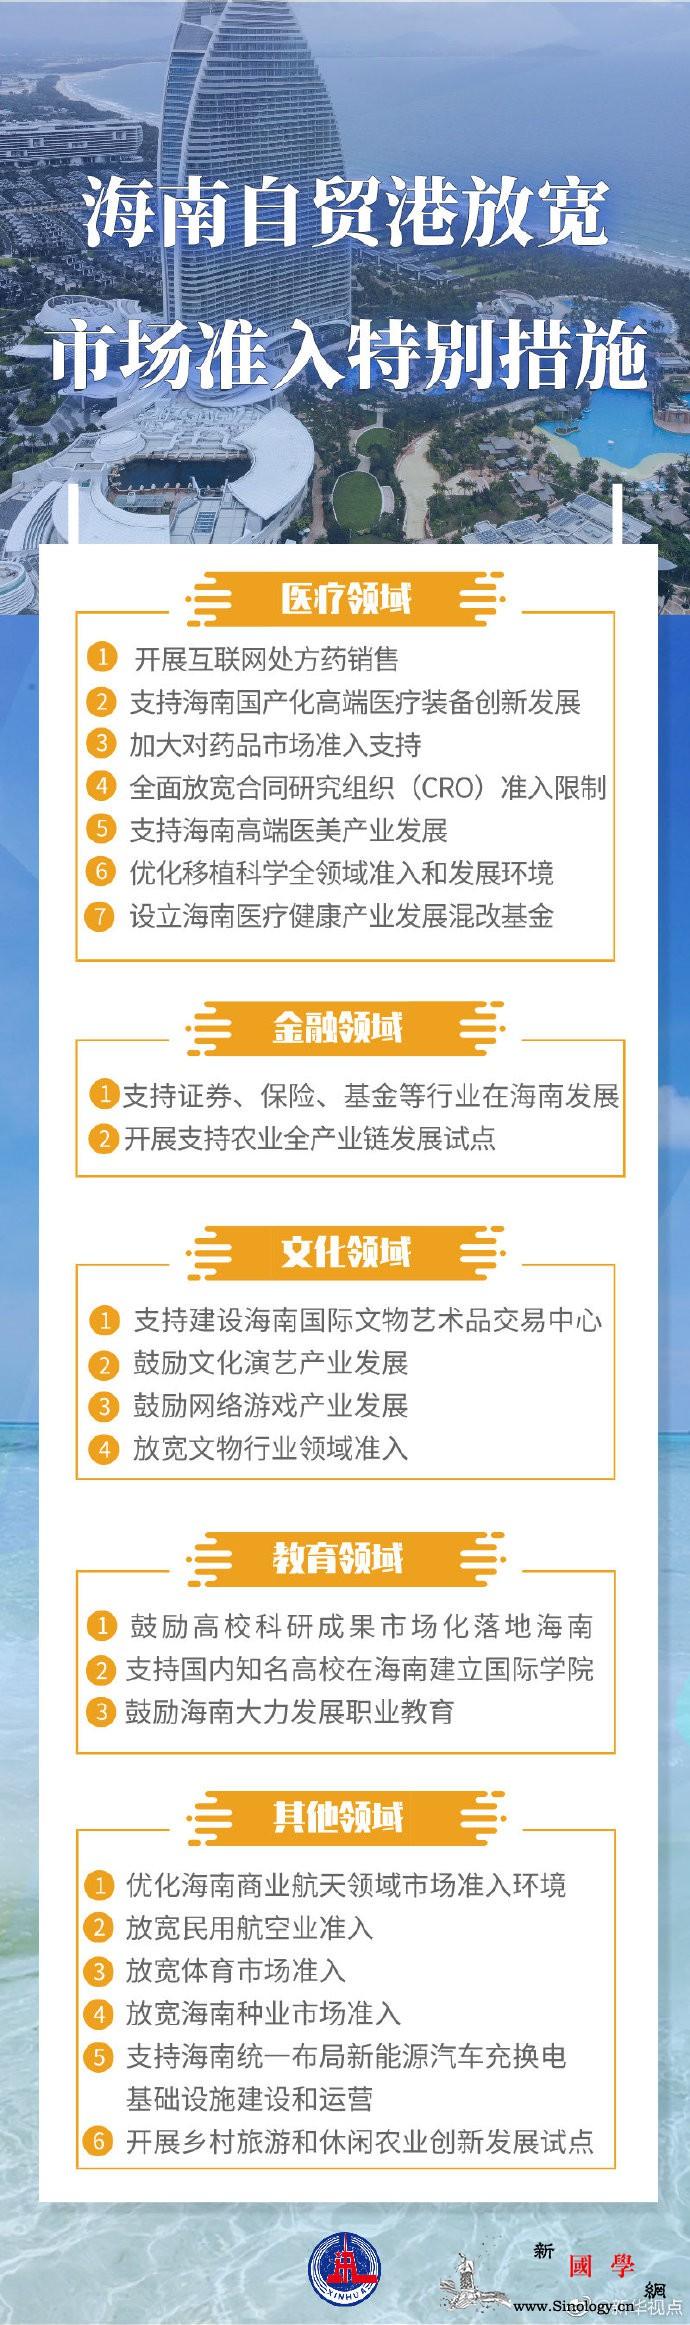 海南自贸港放宽市场准入特别措施发布2_海南-市场准入-措施-